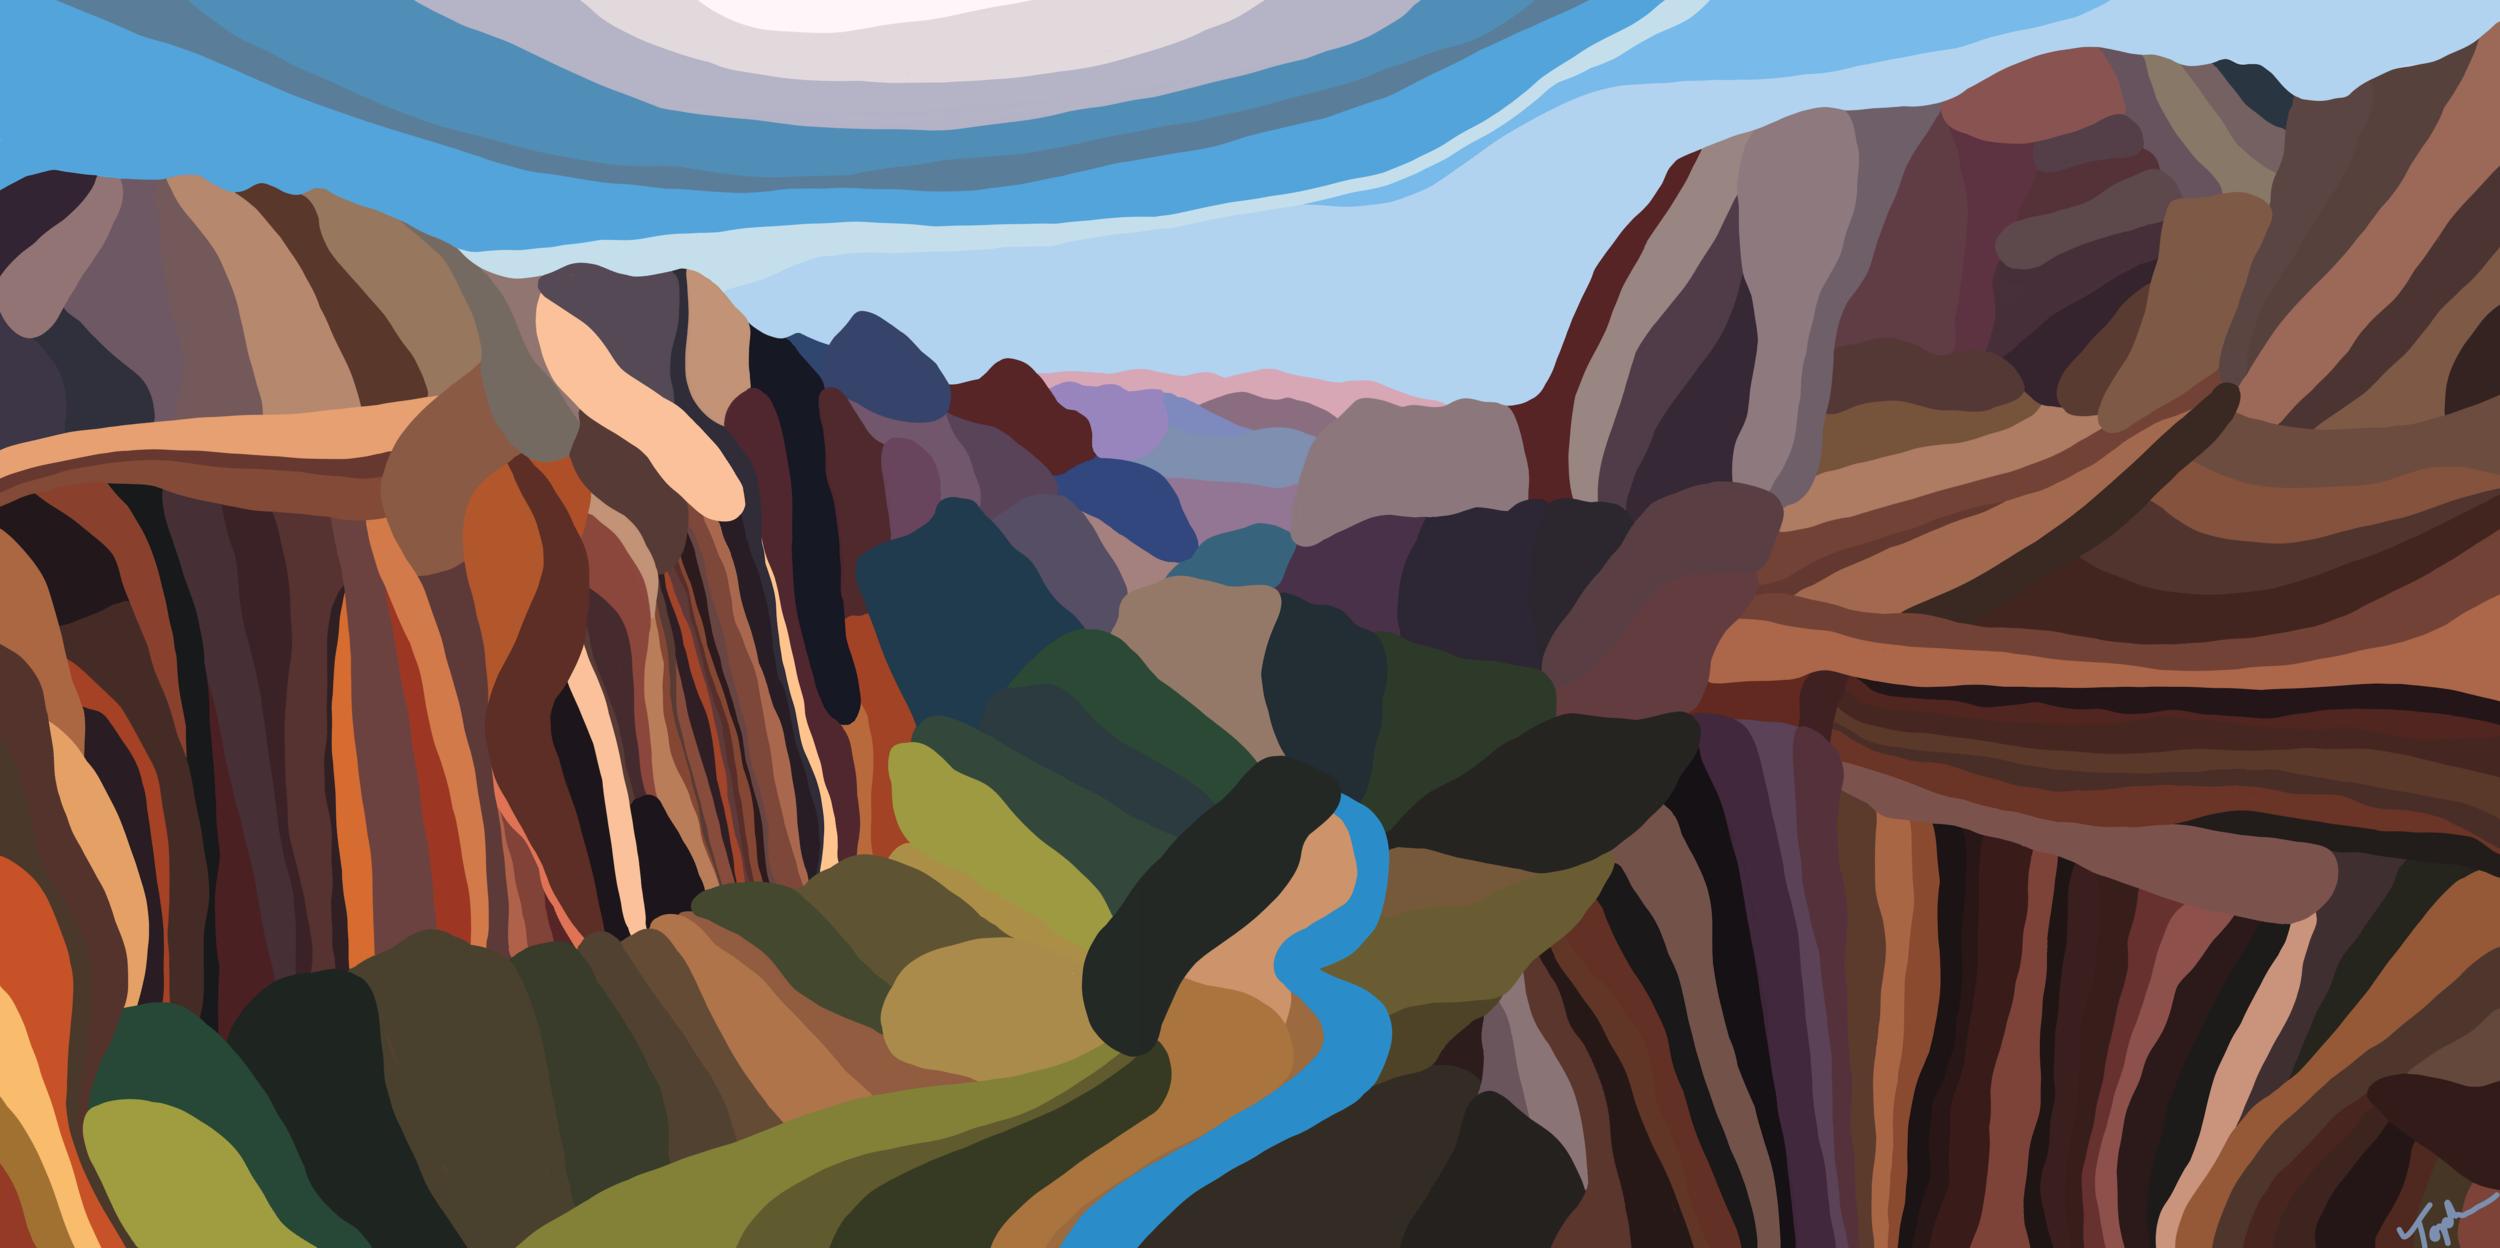 Zion National Park  , 2019  Dye Sublimation on Aluminum   ORIGINAL   |   LIMITED EDITION   |  SOUVENIR